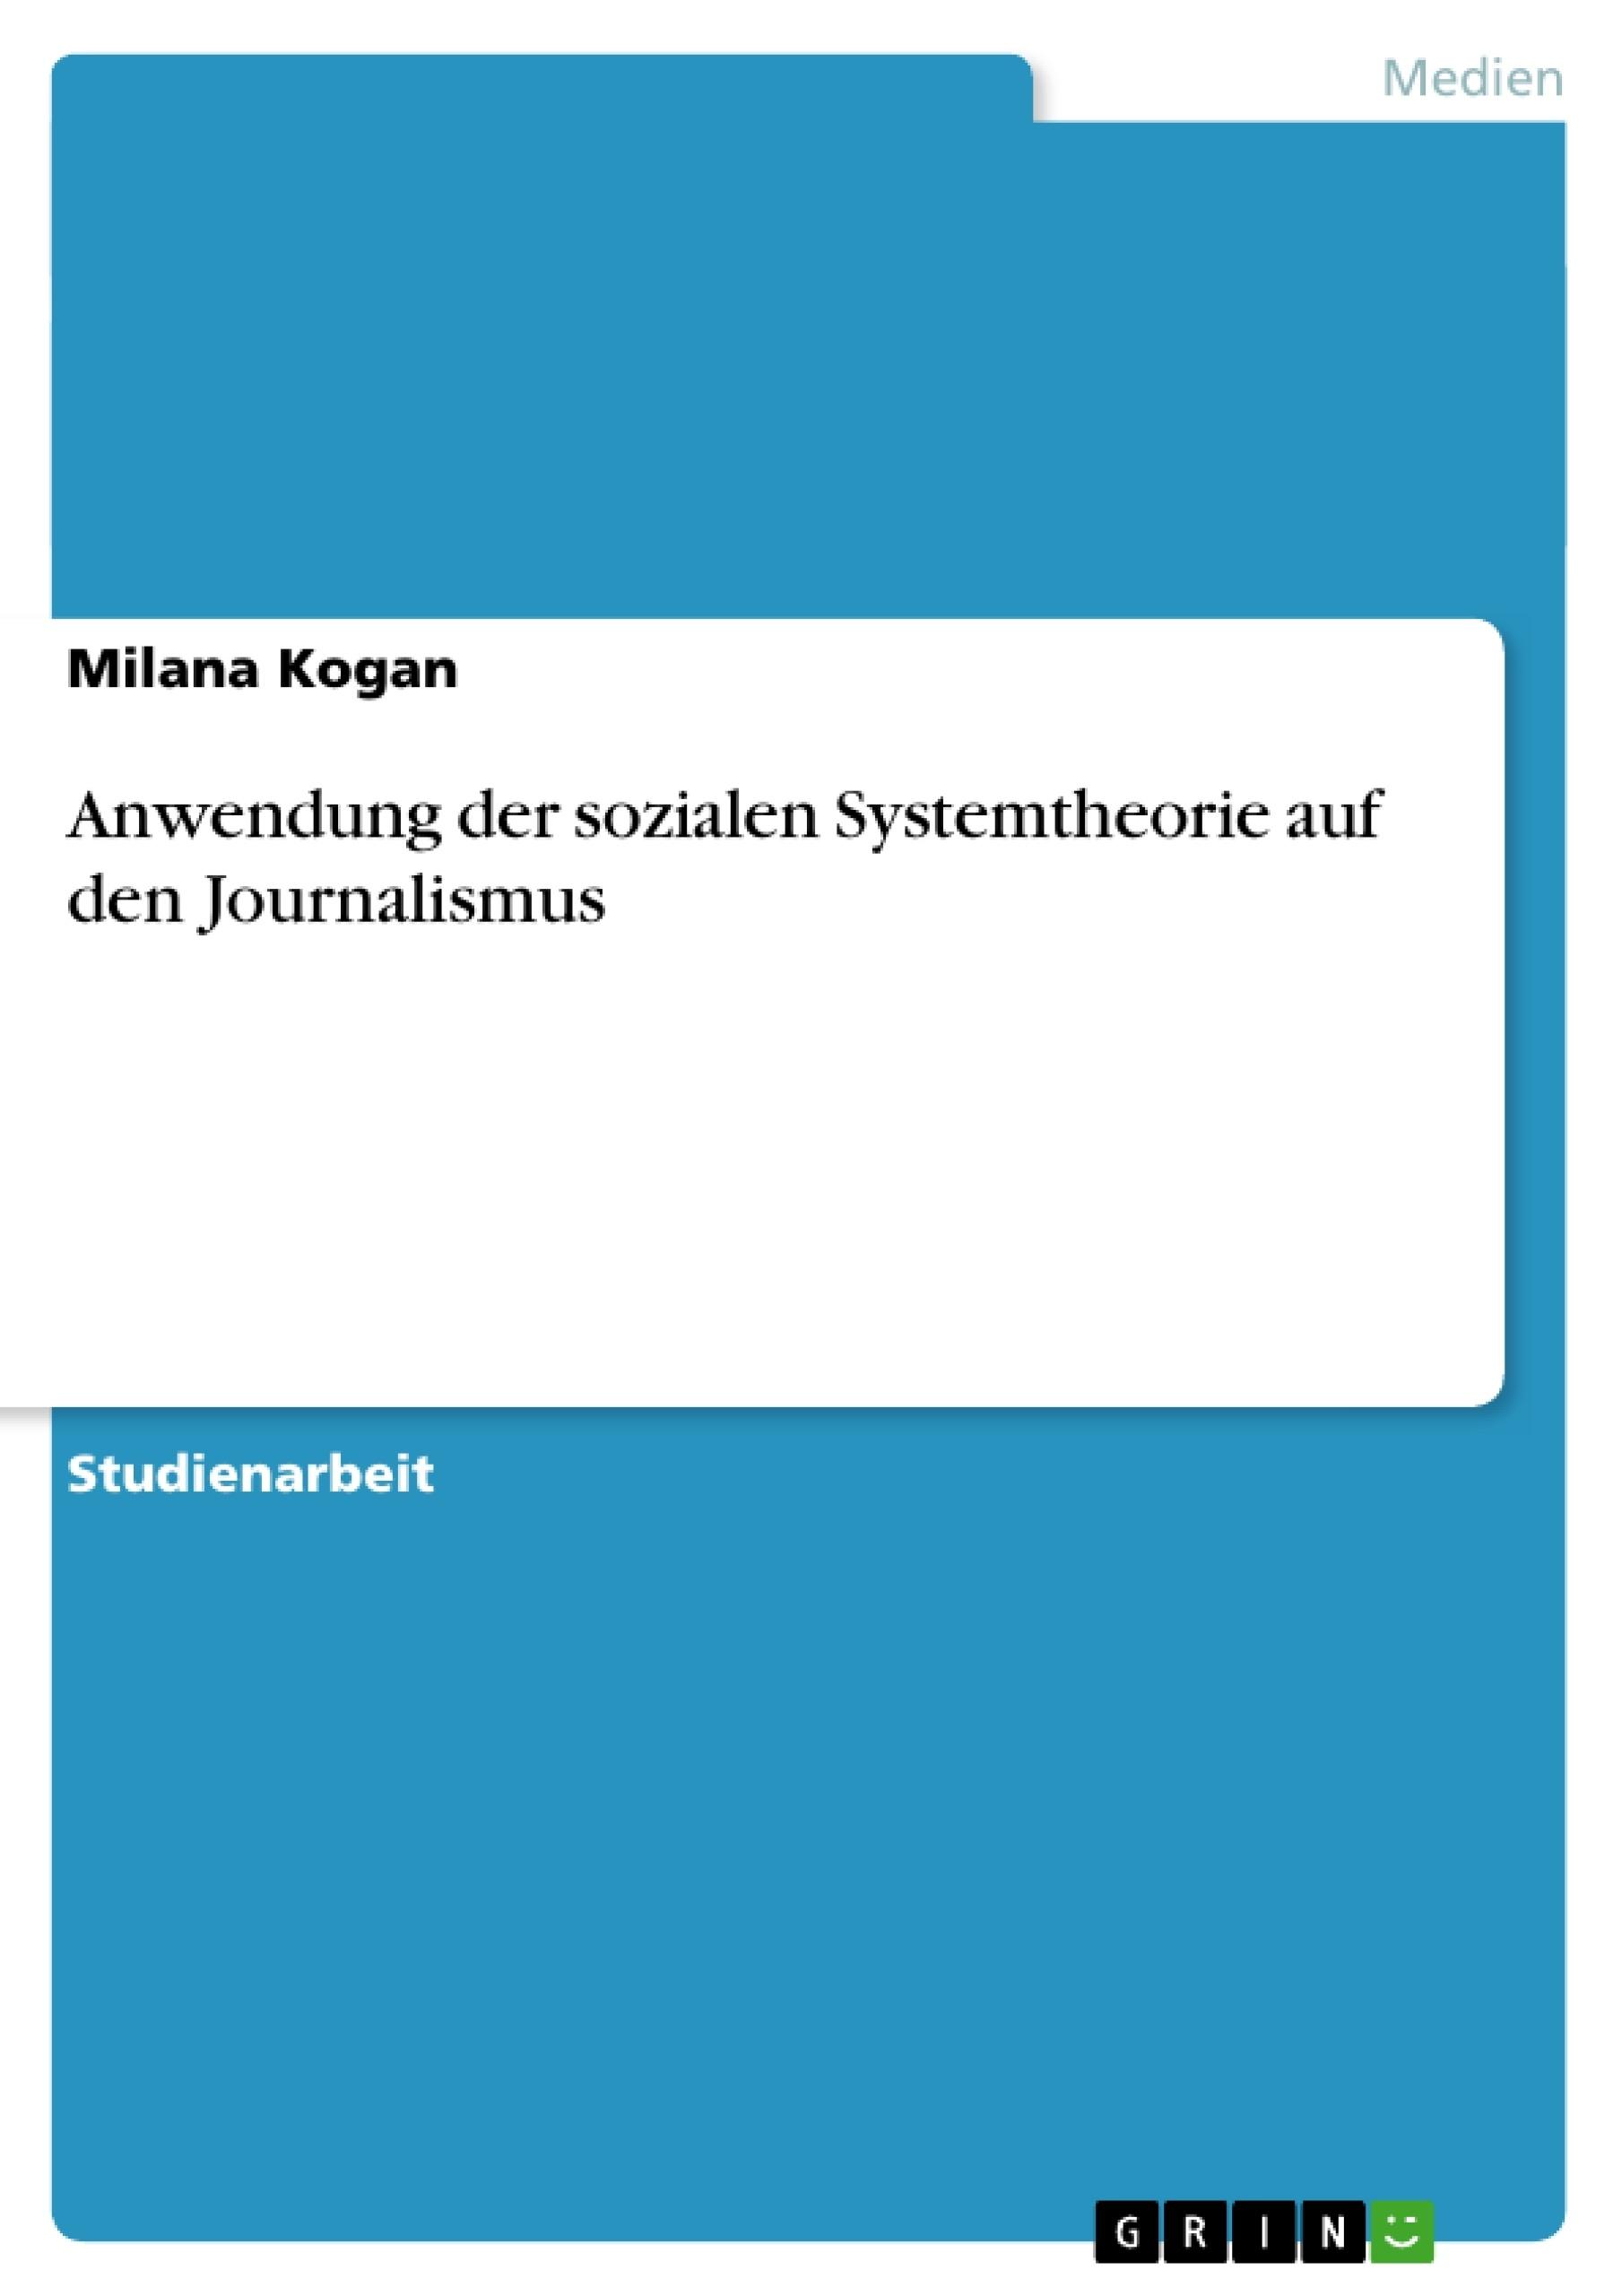 Titel: Anwendung der sozialen Systemtheorie auf den Journalismus